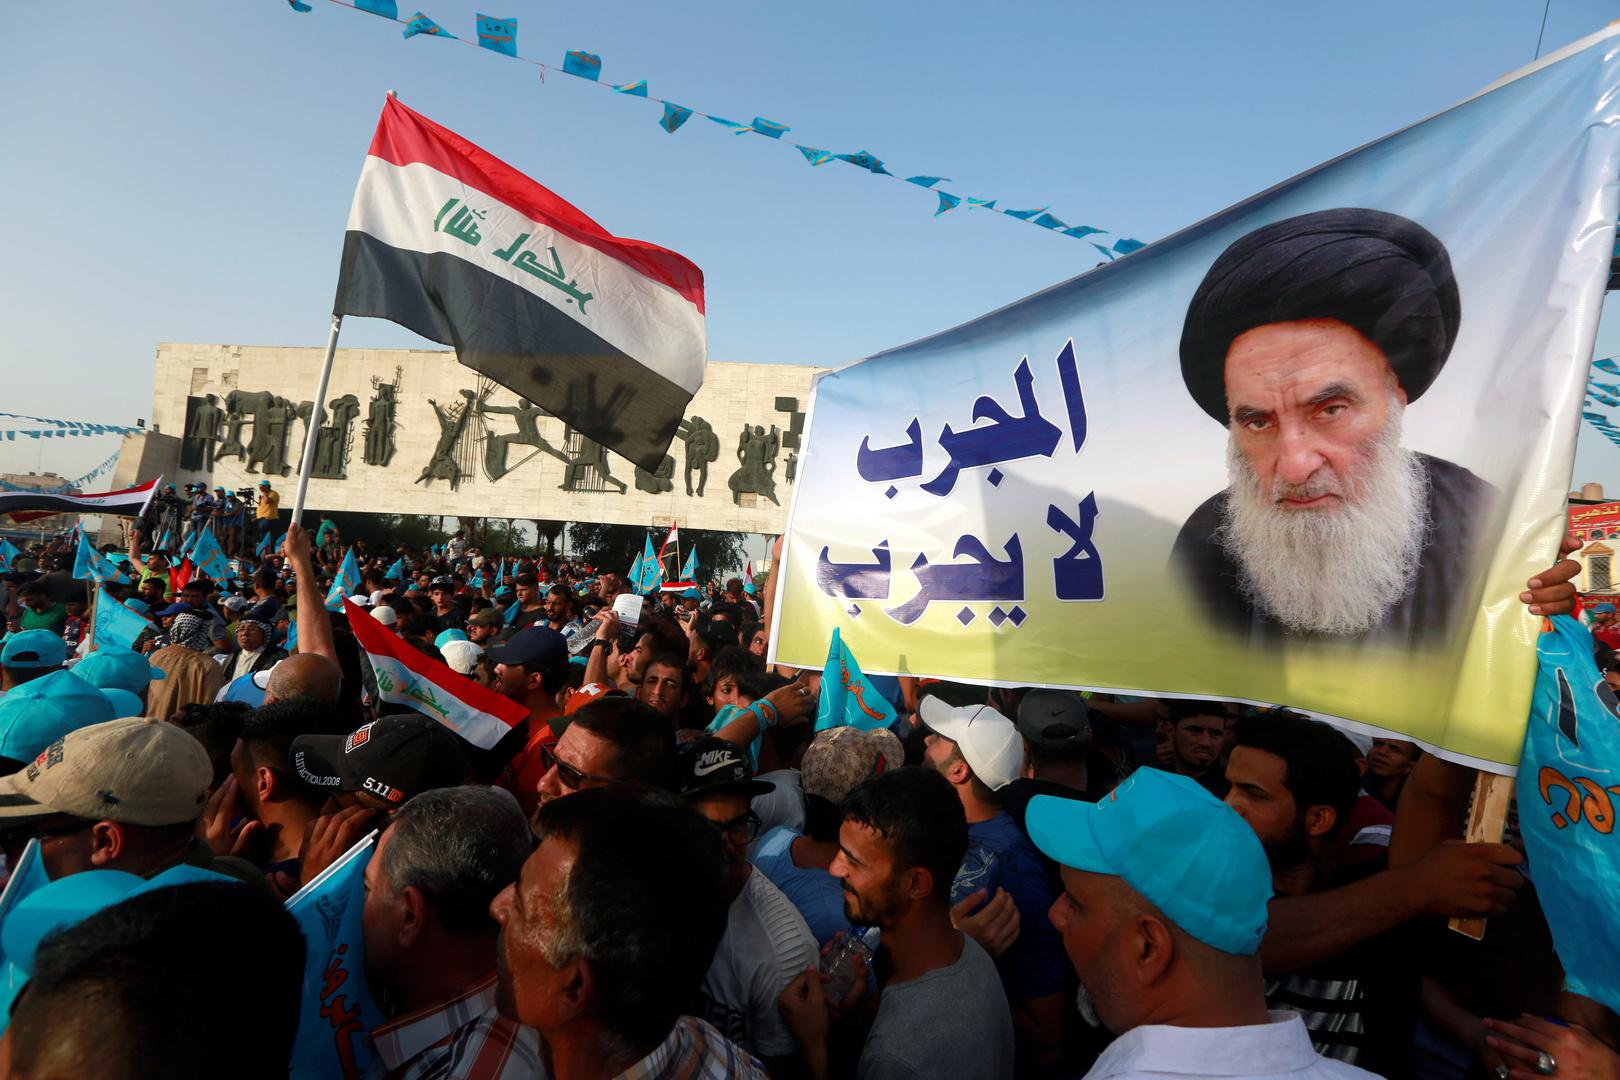 عراقيون يحملون صورة لعلي السيستان خلال تجمع لأنصار ائتلاف